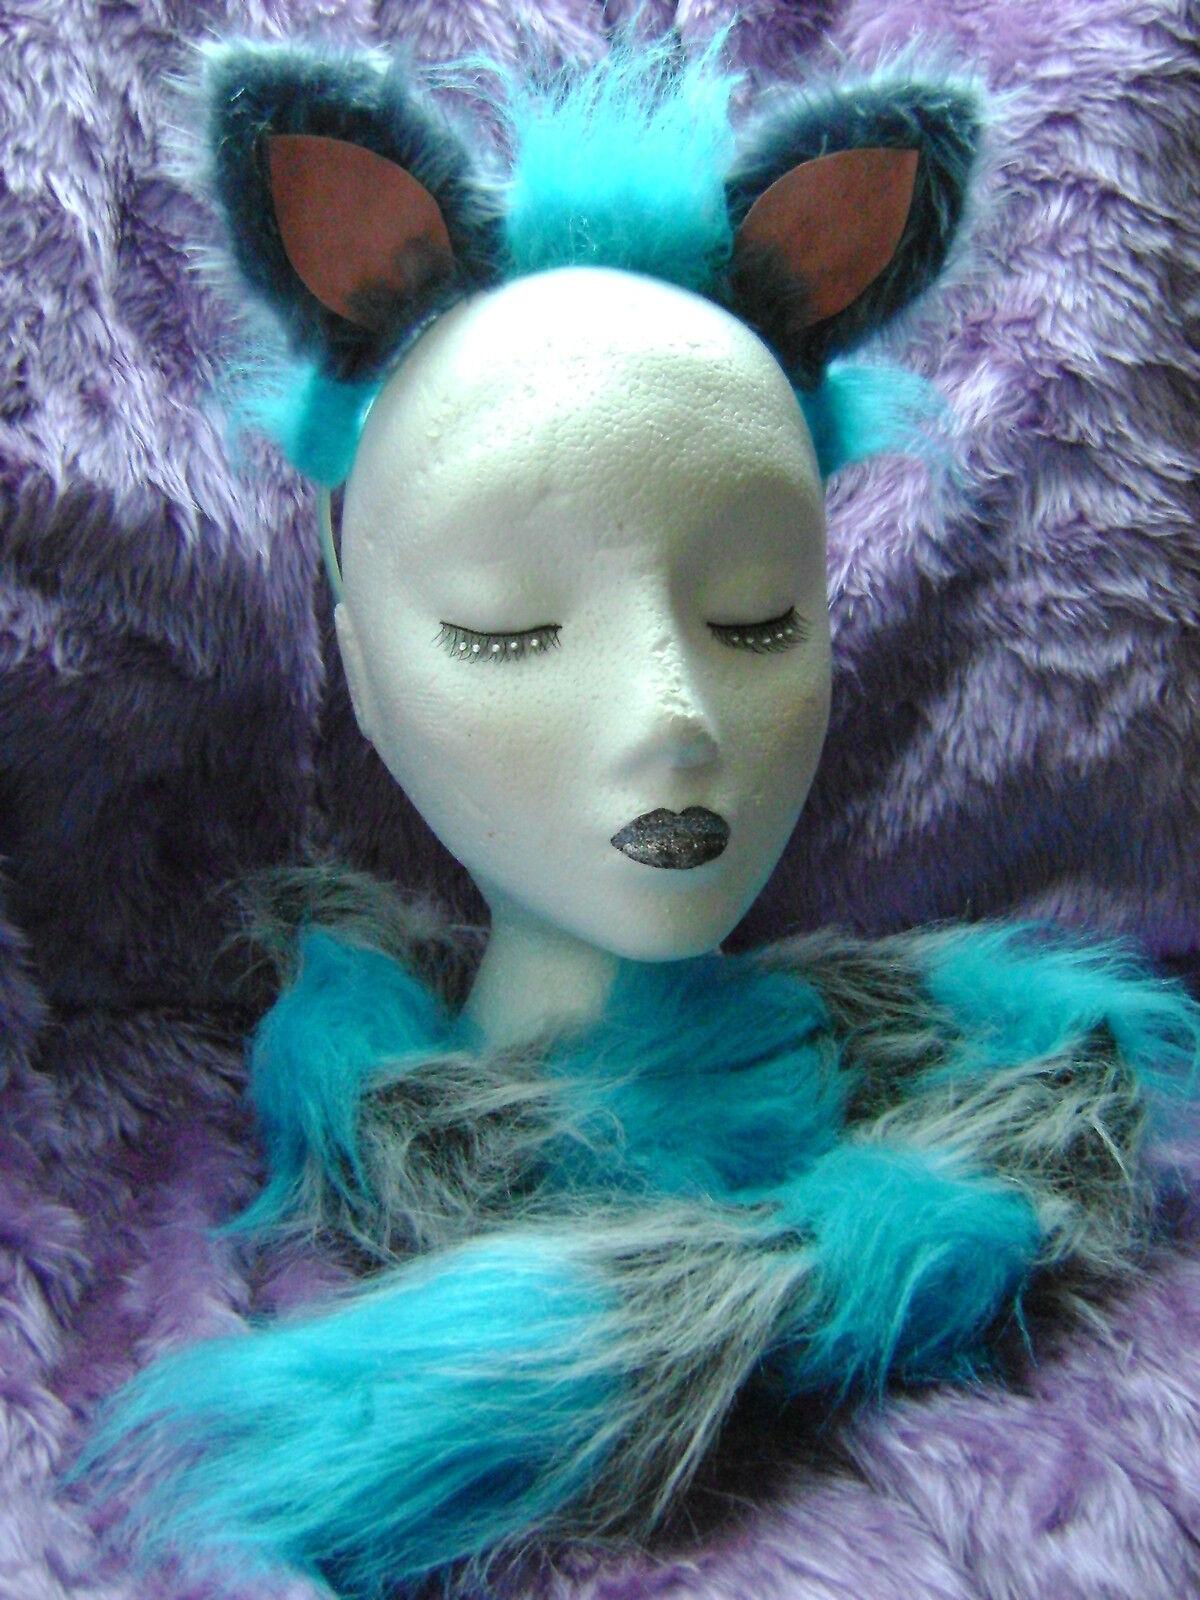 Lo STREGATTO Costume Orecchie E Coda Set Blu /& Grigio Stregatto Costume